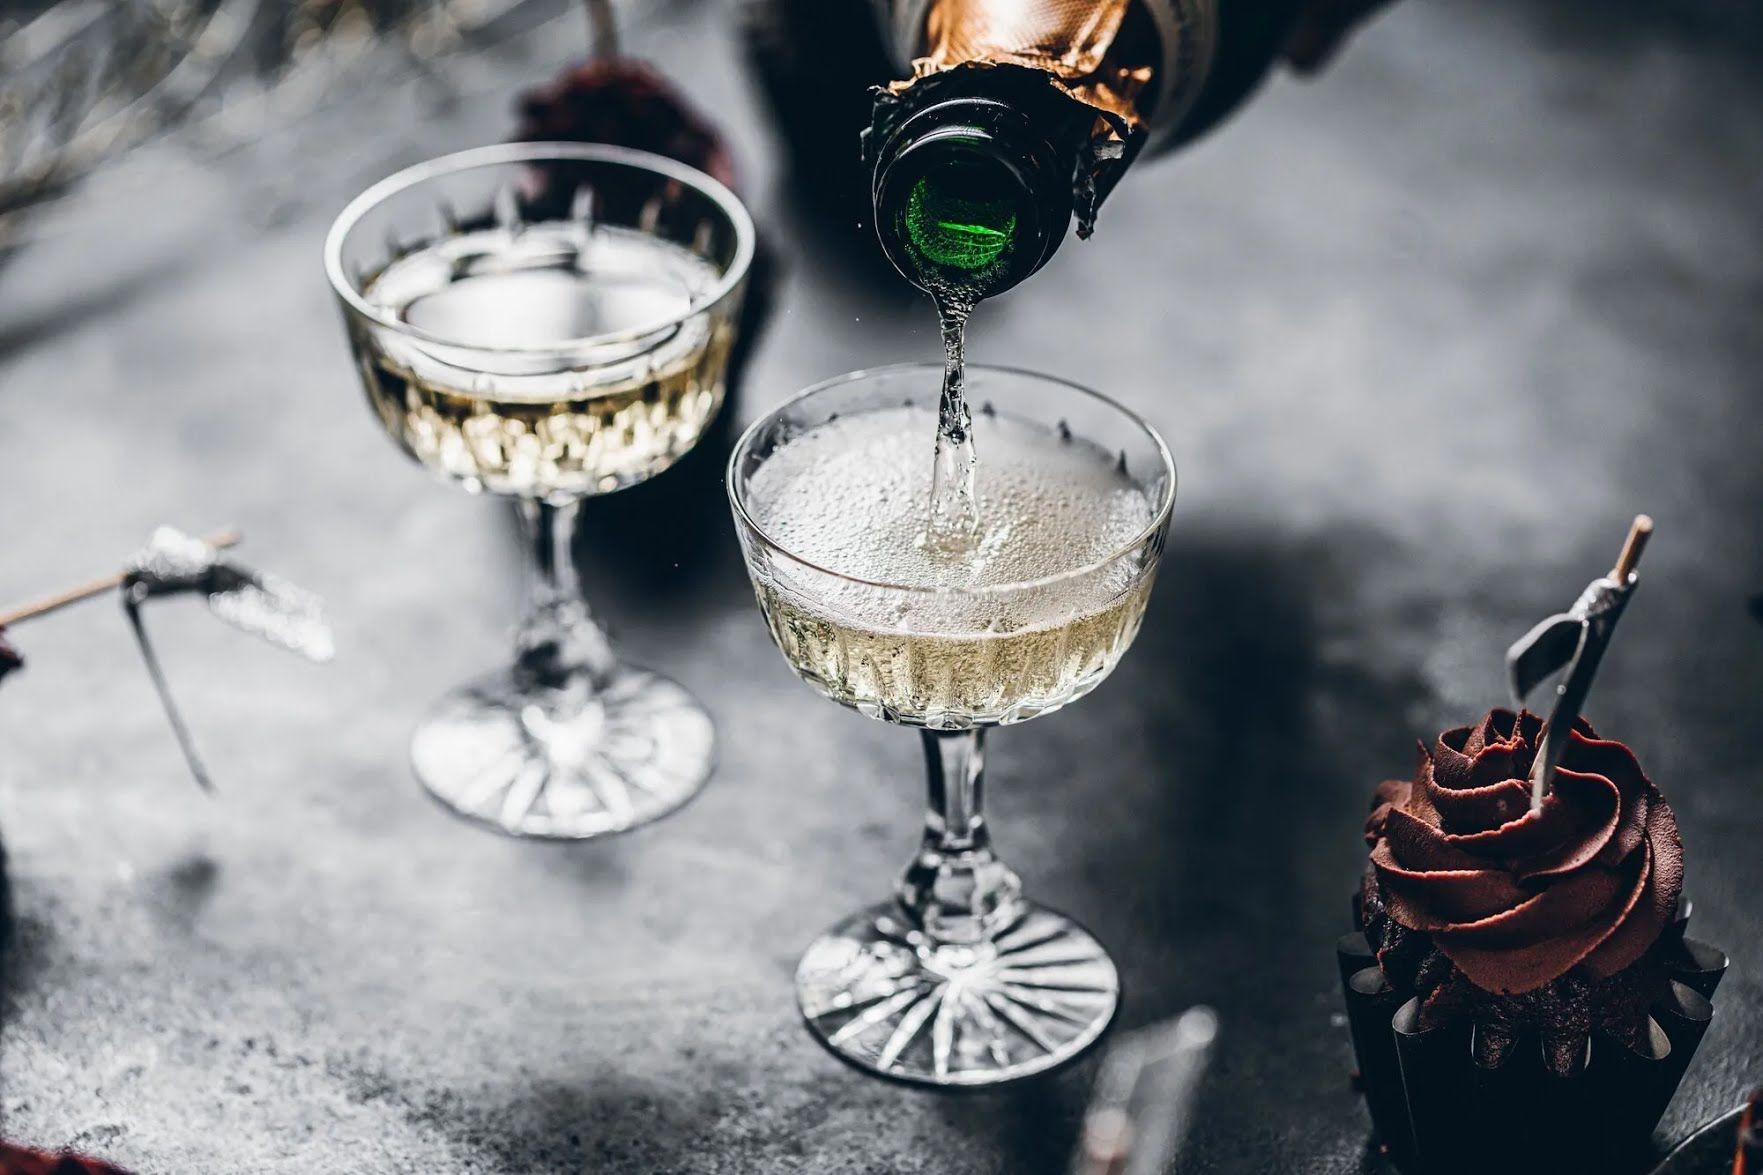 З чим найкраще пити шампанське